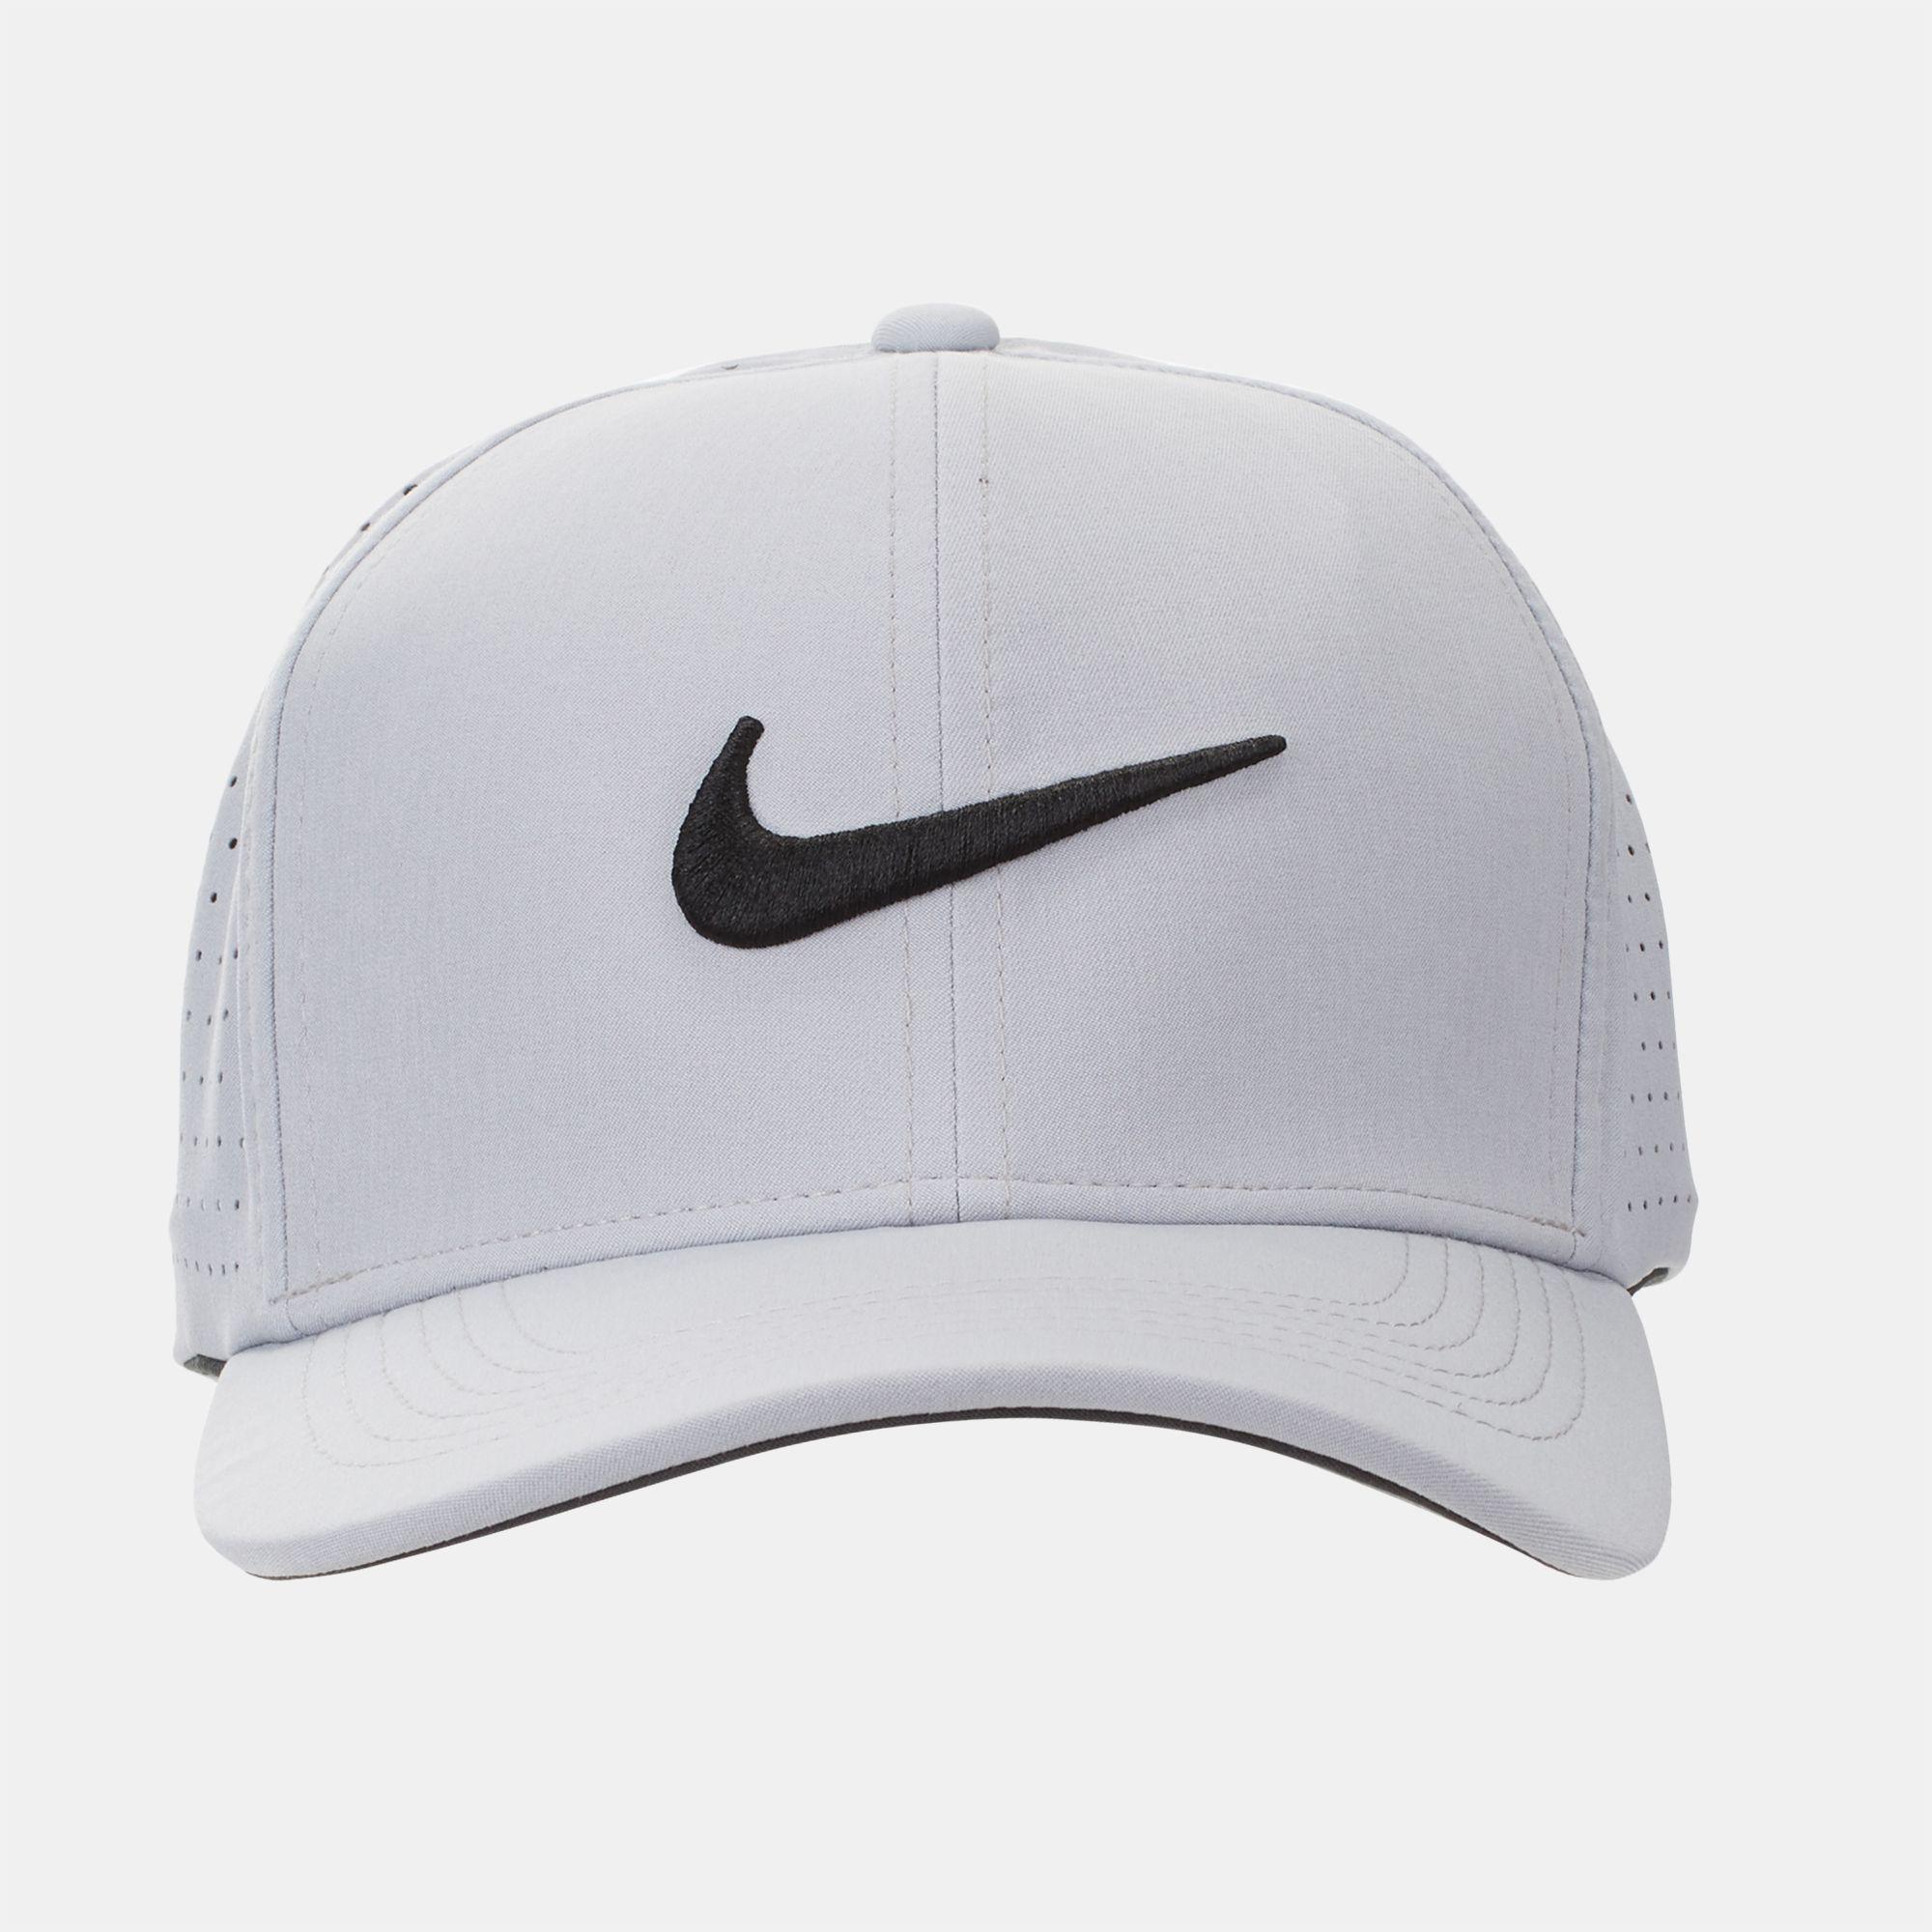 Nike Golf Classic 99 Fitted Cap  a21d0bdc508e